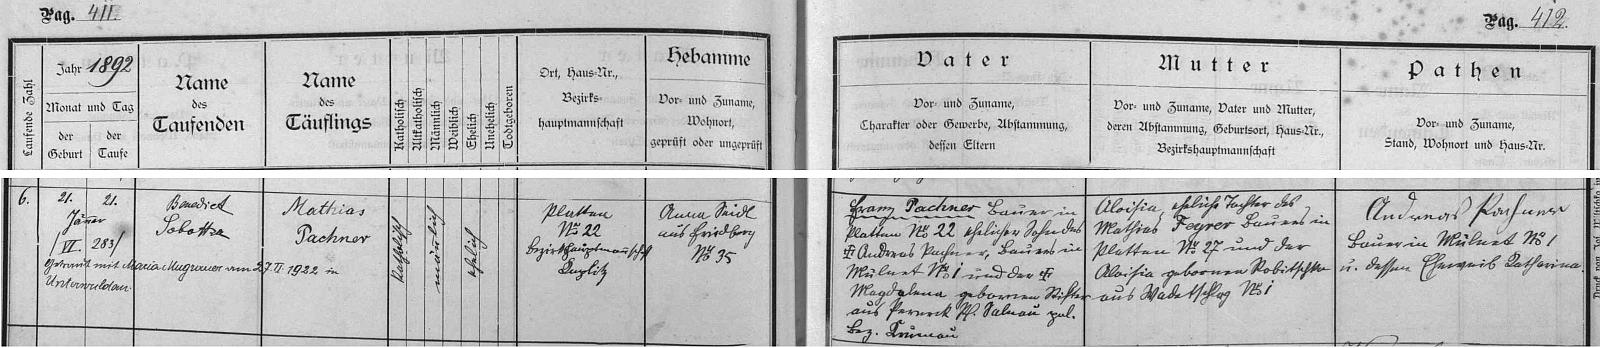 Záznam o otcově narození ve frymburské křestní matrice